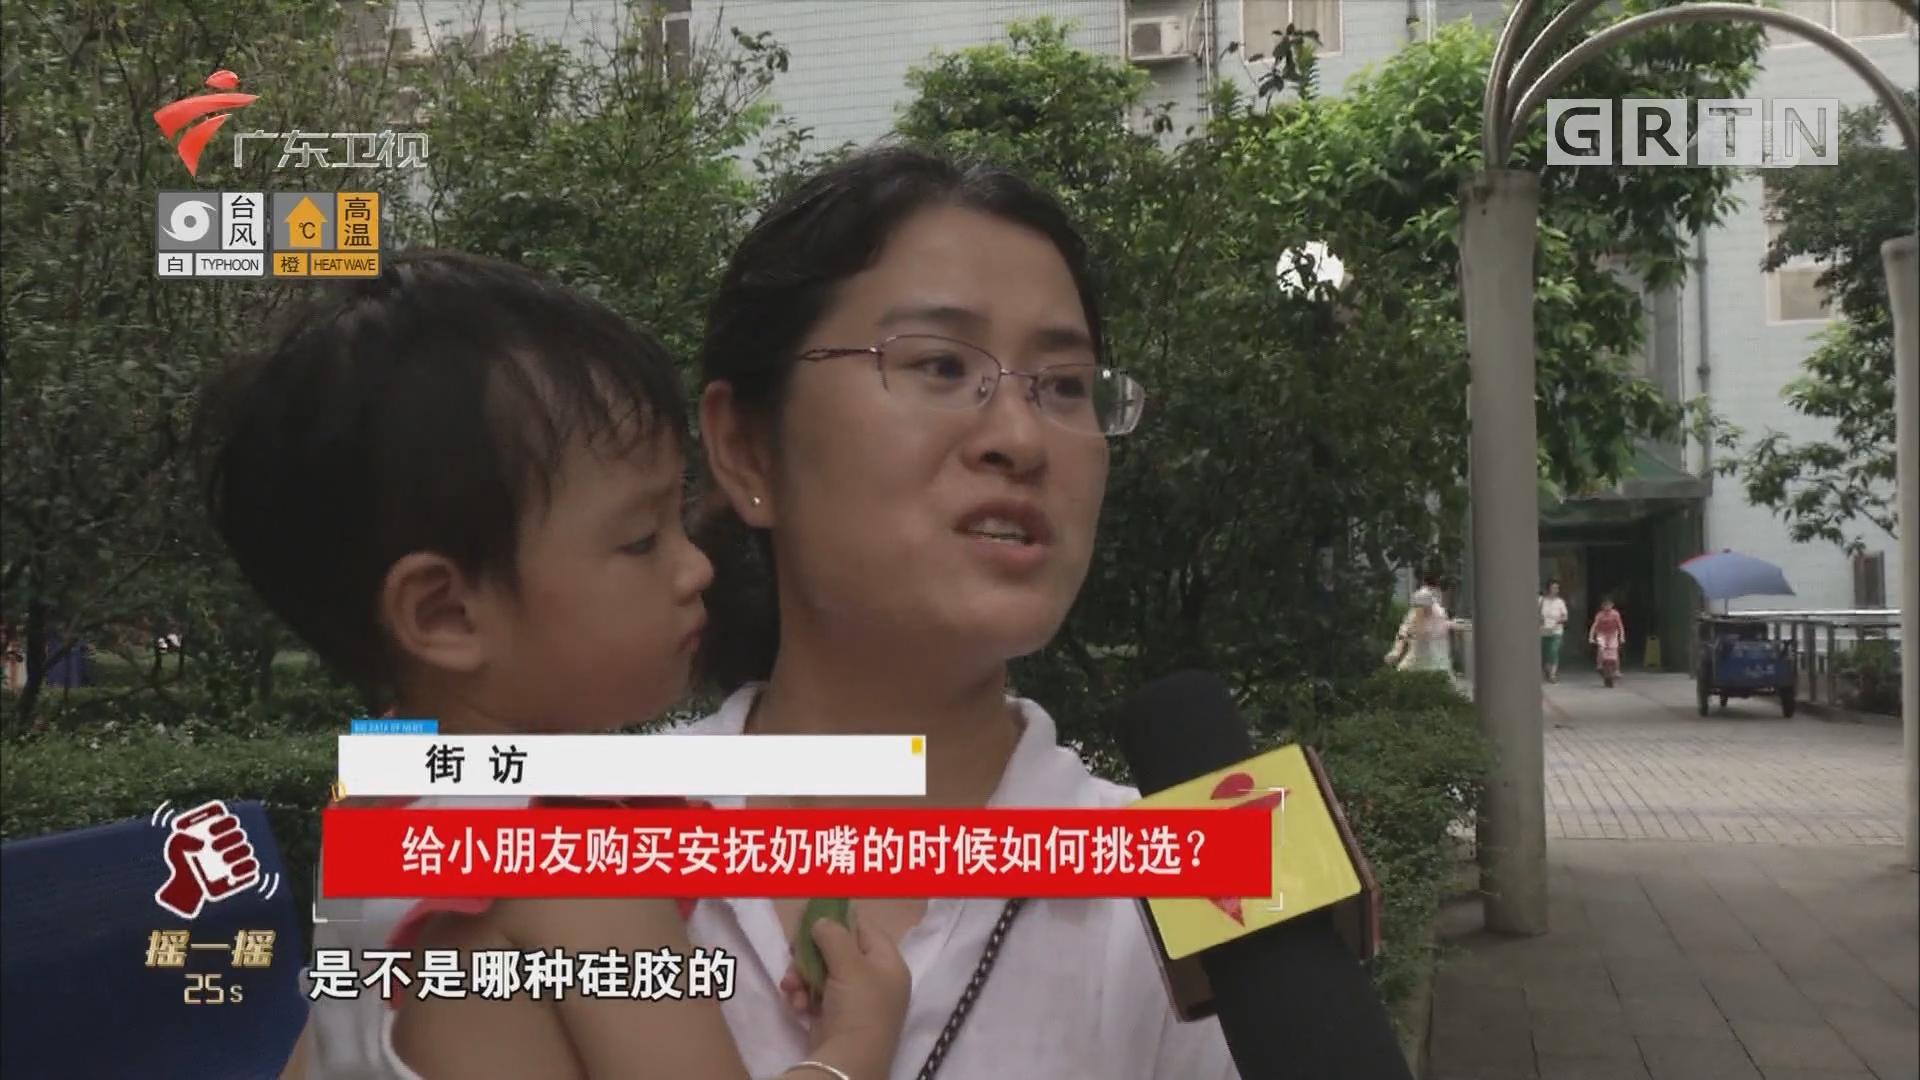 街坊:给小朋友购买安抚奶嘴的时候如何挑选?